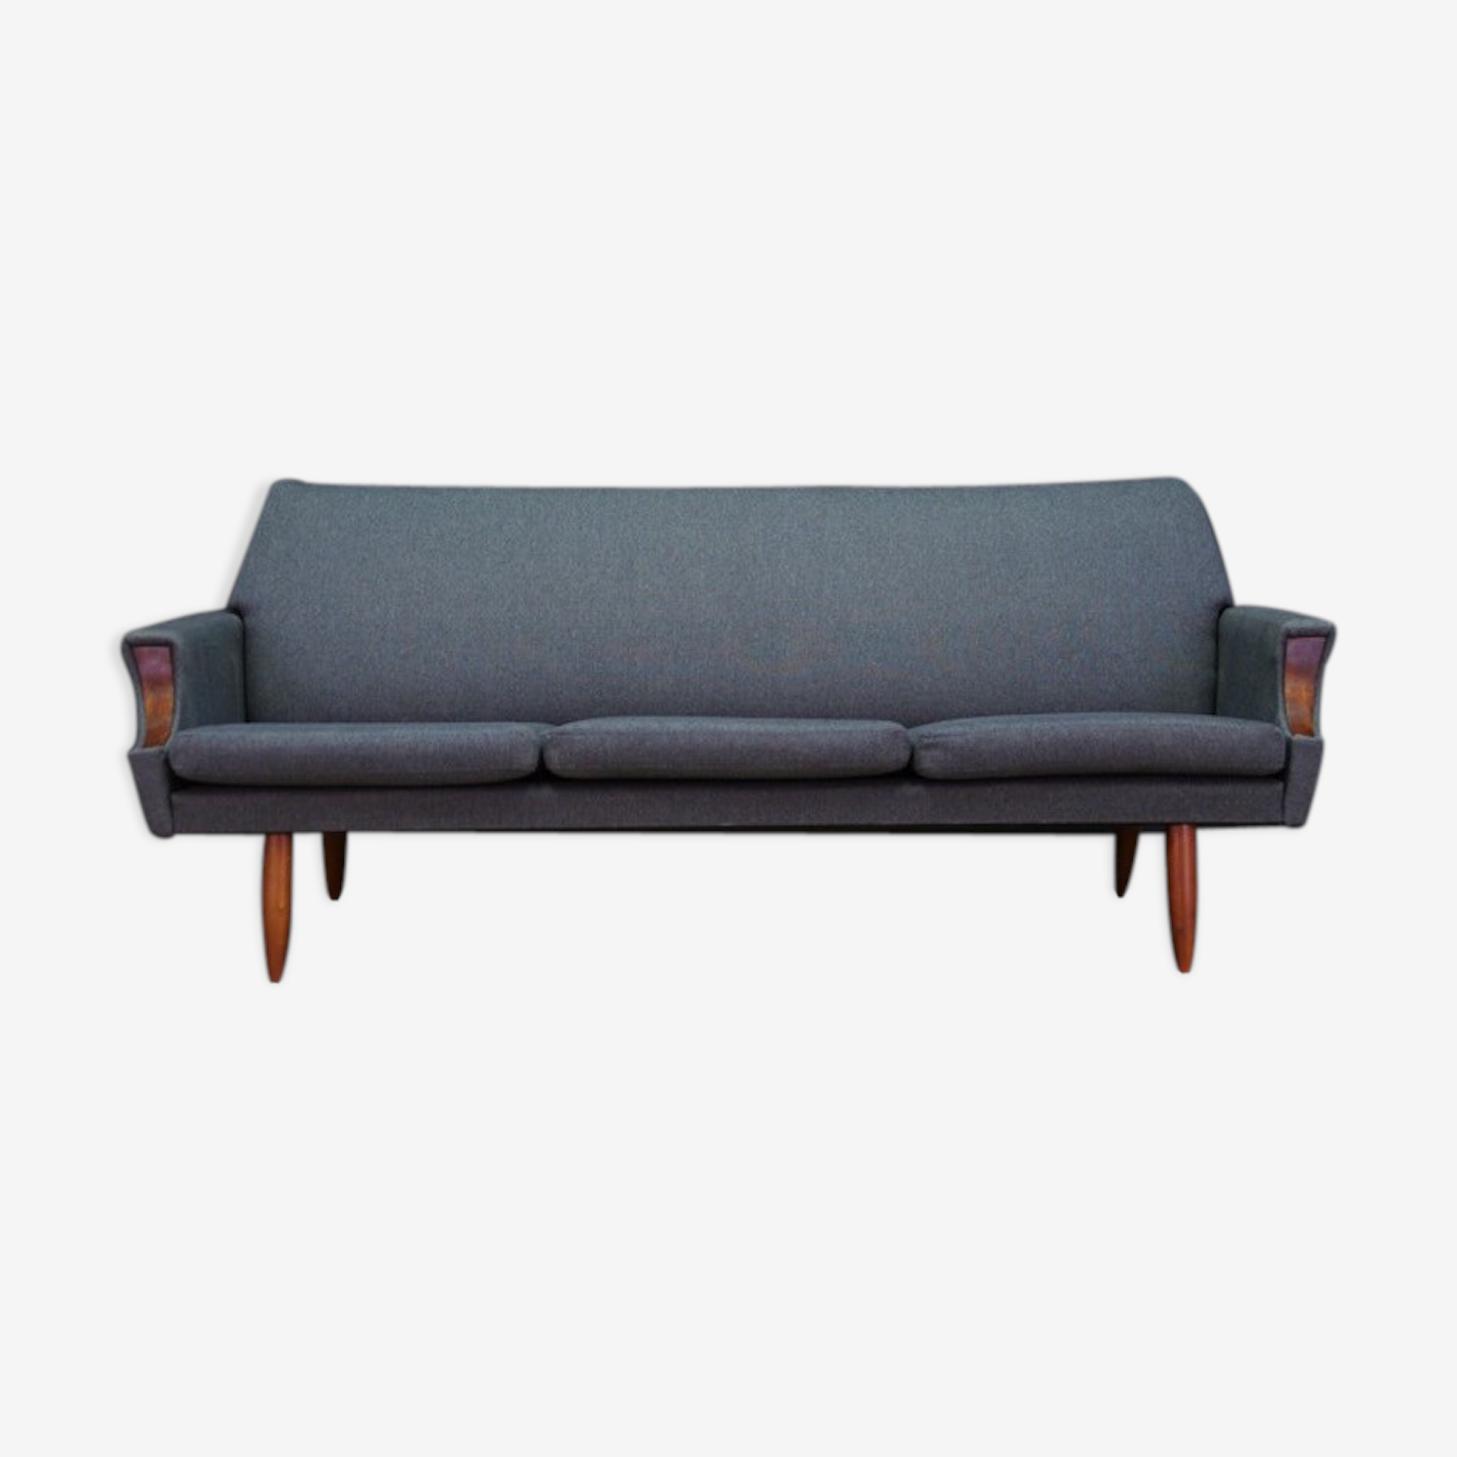 Canapé vintage danish design rétro 60 70 classic